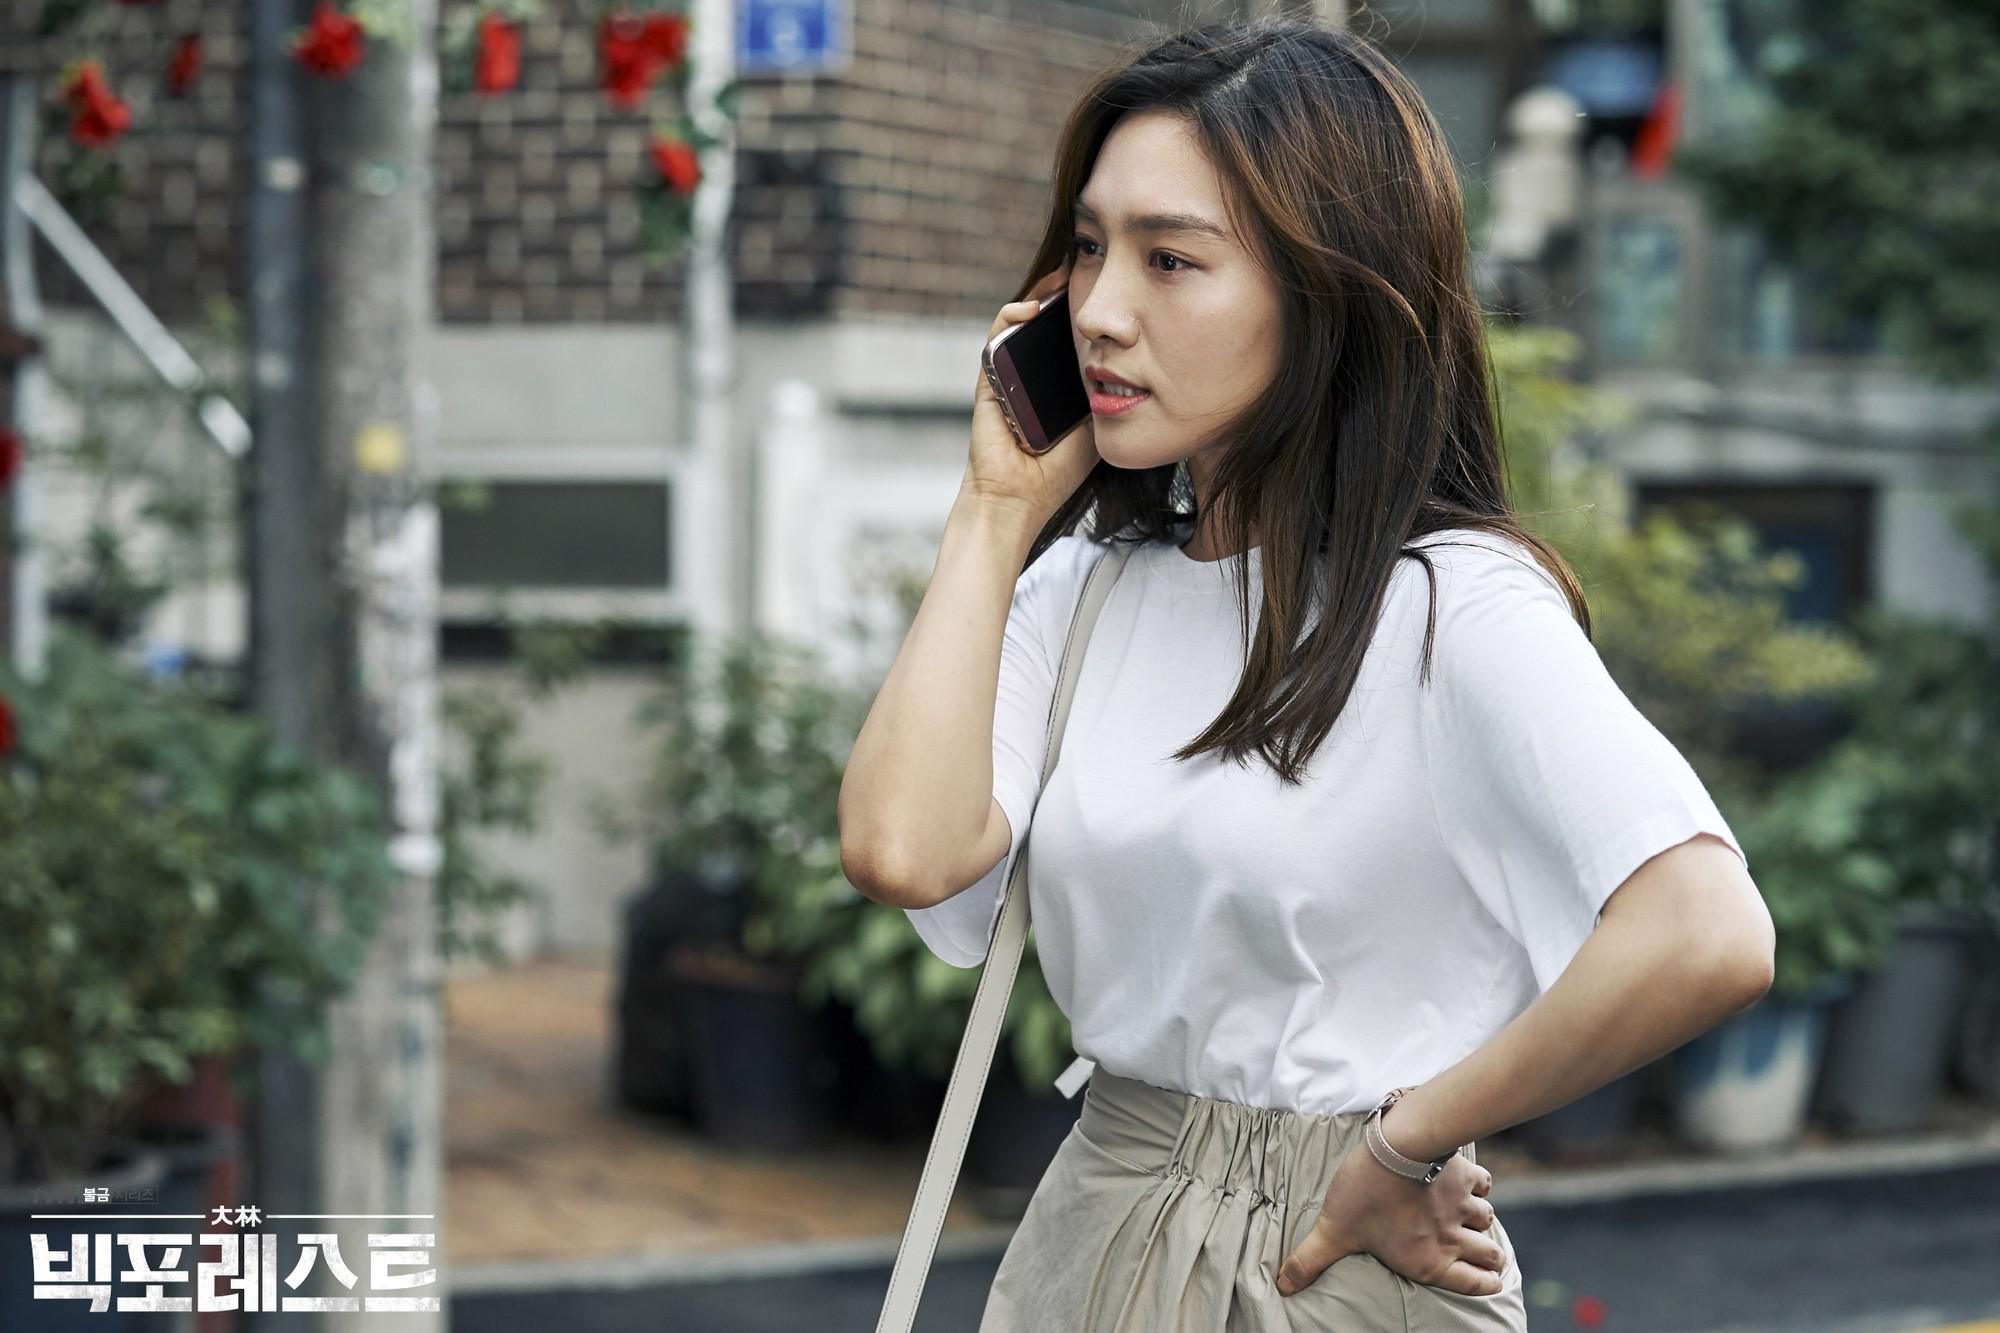 12 phim truyền hình Hàn ồ ạt lên sóng, hứa hẹn tháng 9 này dân tình cày phim sấp mặt (Phần 1) - Ảnh 9.